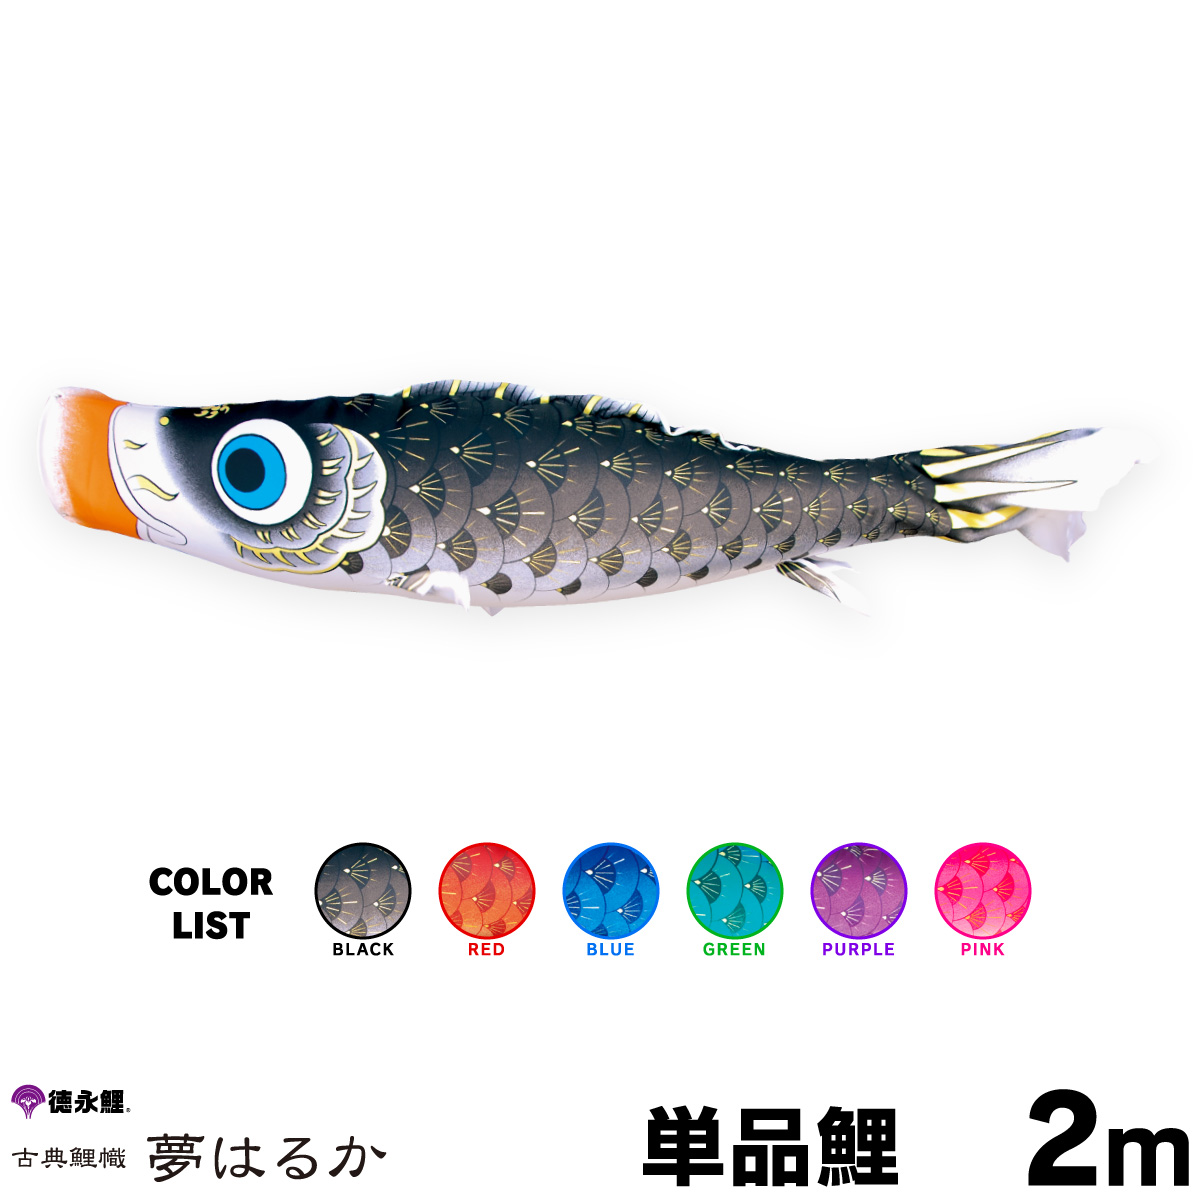 【こいのぼり 単品】 夢はるか 2m 単品鯉 黒 赤 青 緑 紫 ピンク